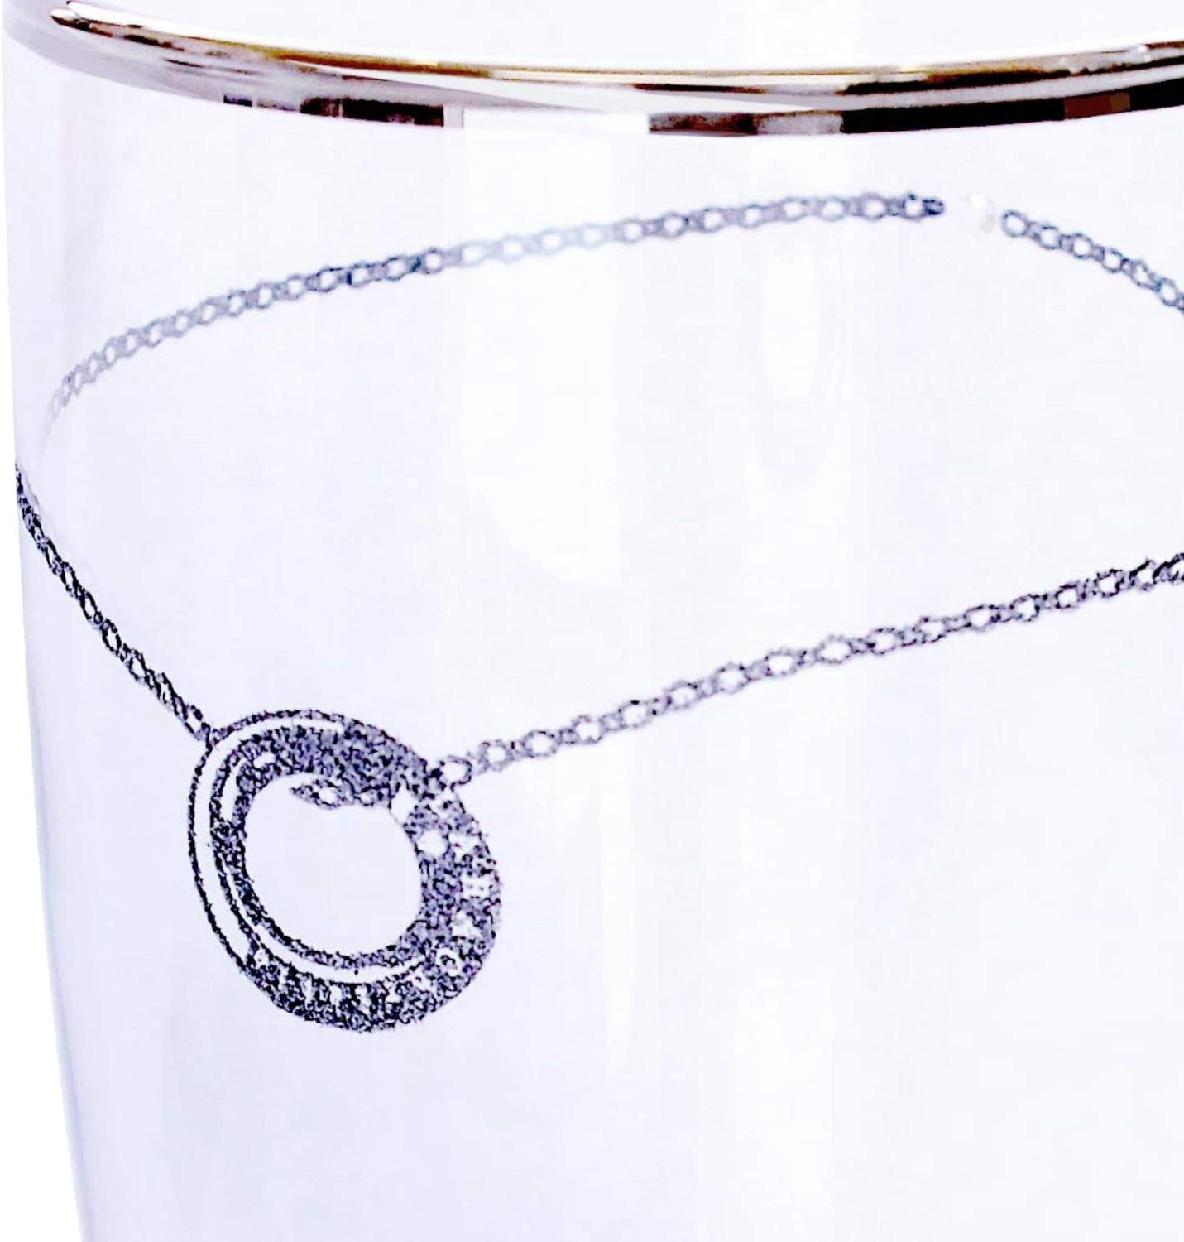 LARA Christie(ララクリスティー) ビアグラス タンブラー ペアの商品画像4